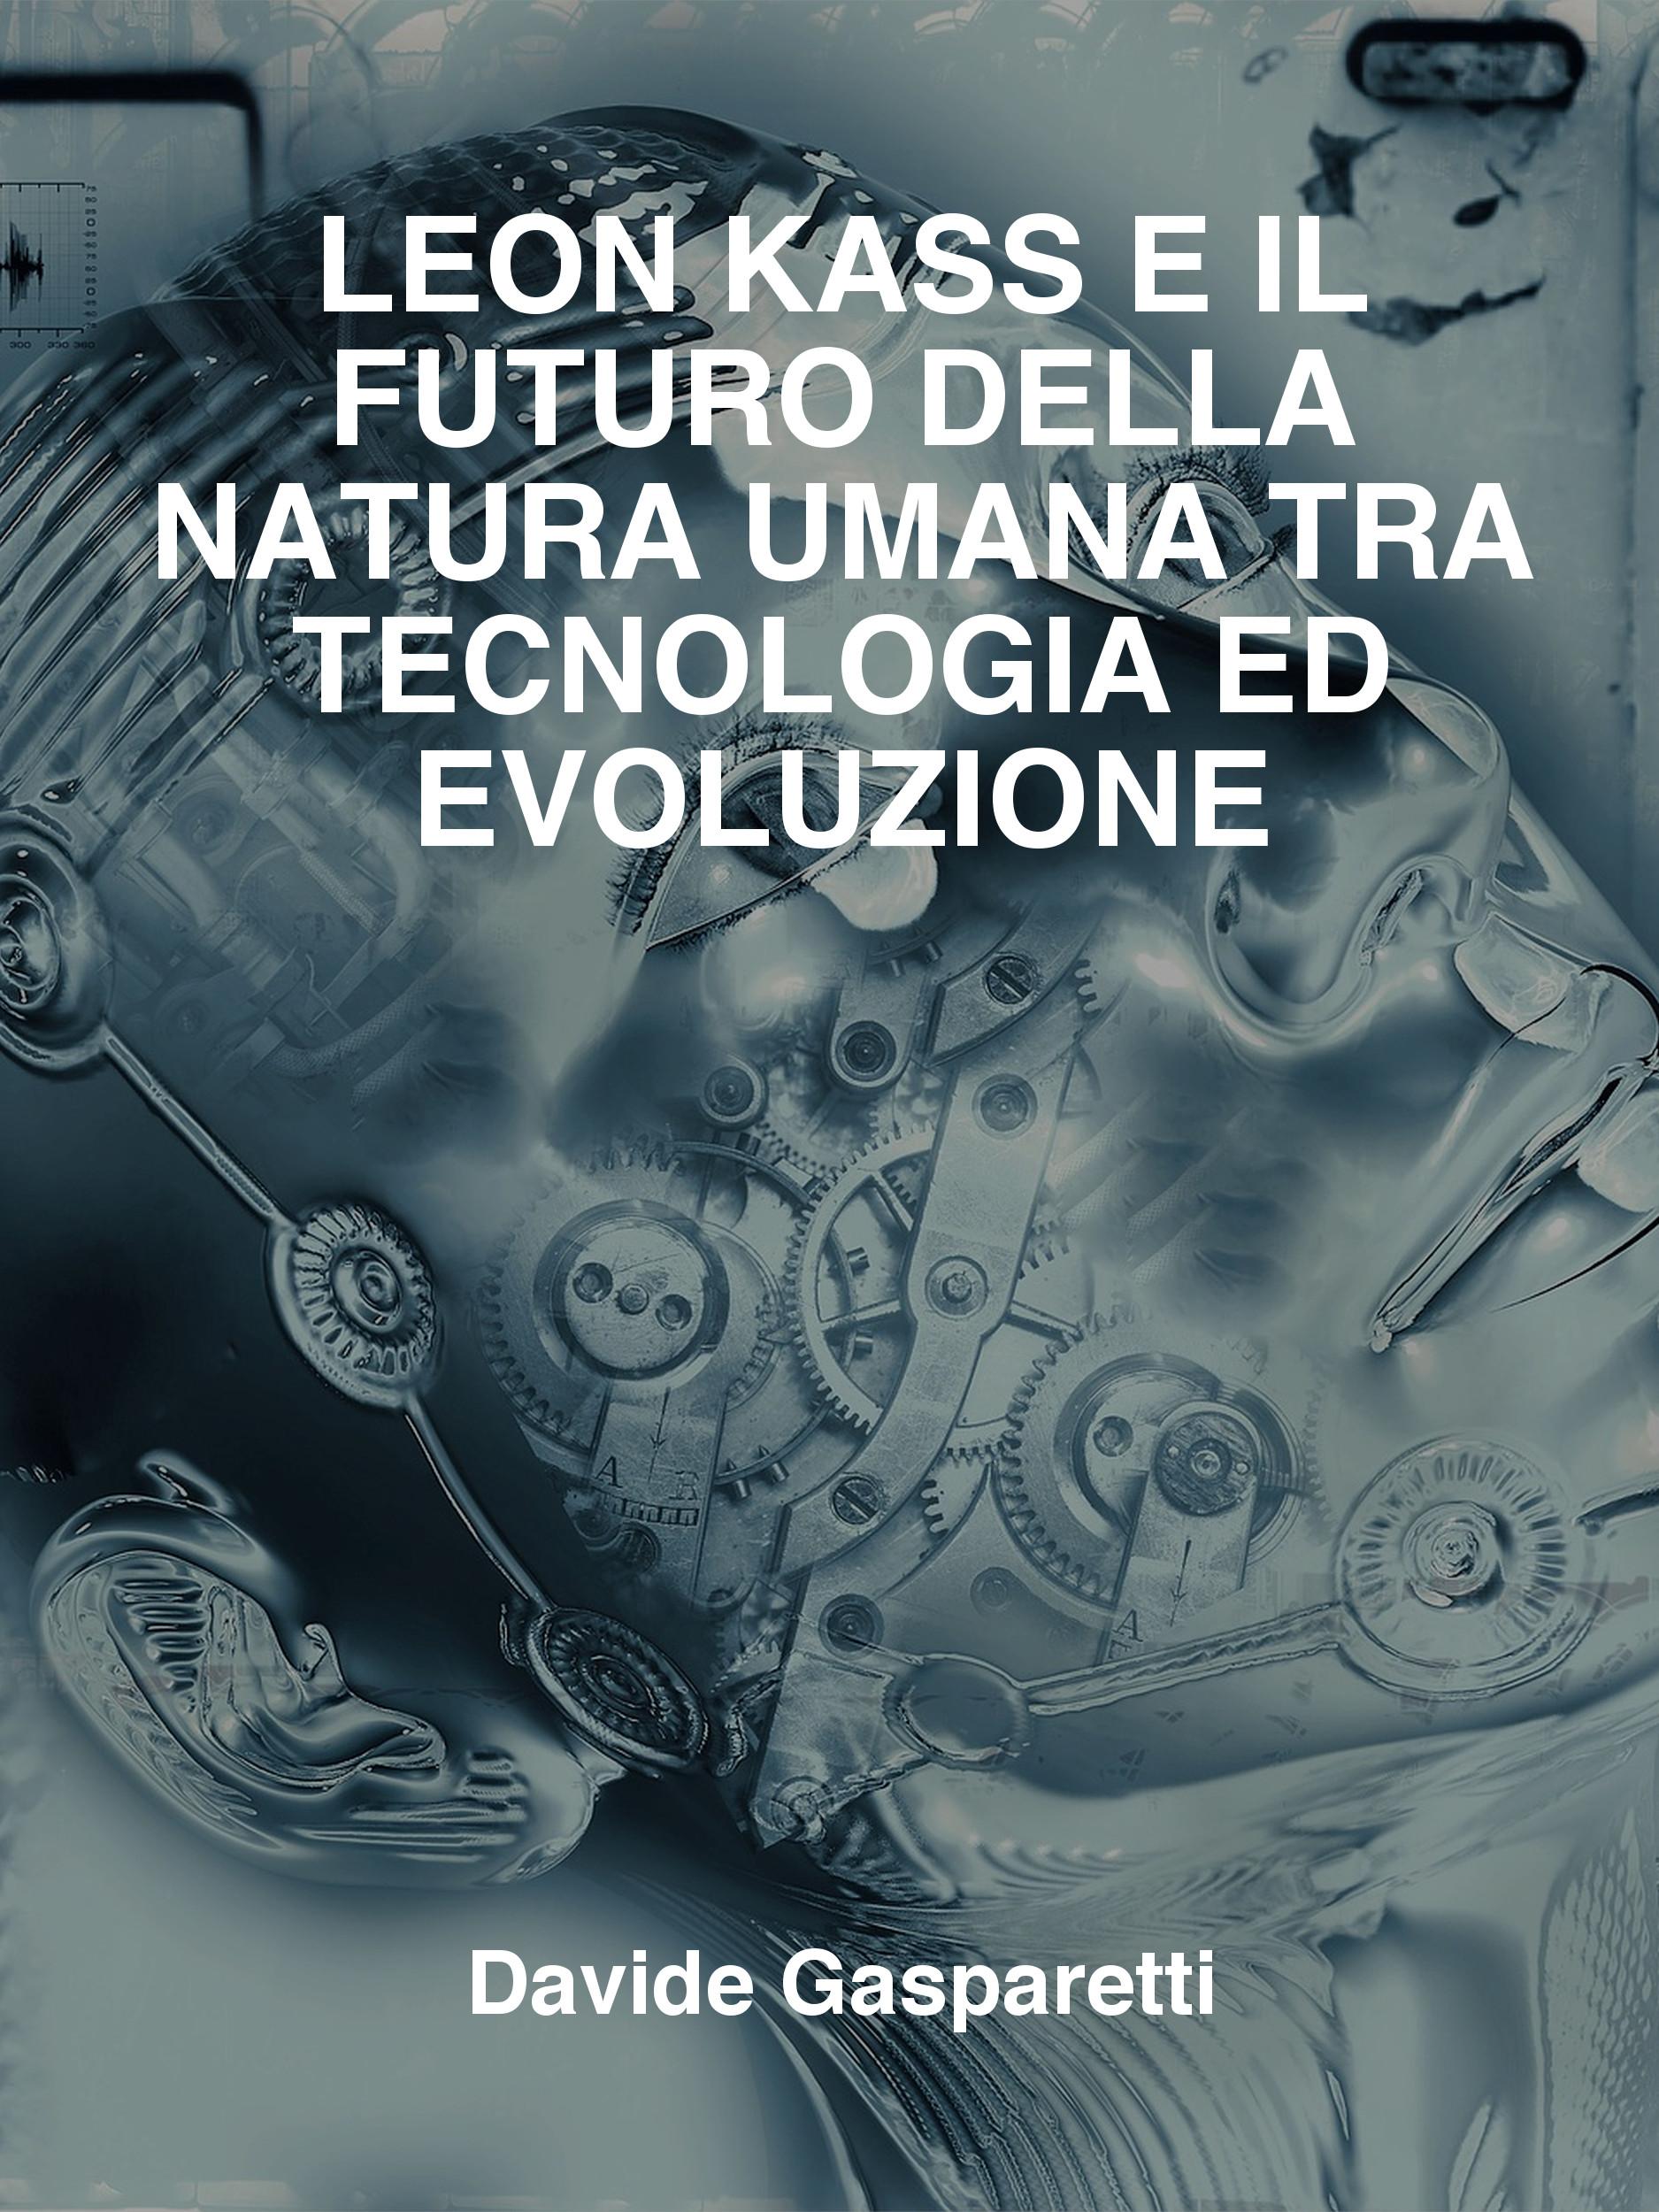 Leon Kass e il futuro della natura umana tra tecnologia ed evoluzione